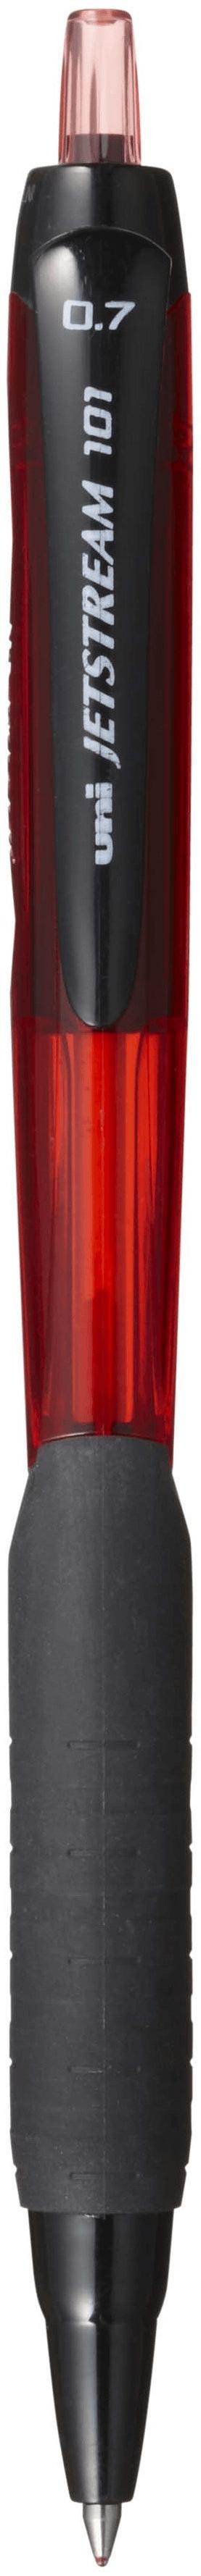 ยูนิ เจ็ทสตรีม SXN-101-07 ขนาด 0.7 สีแดง